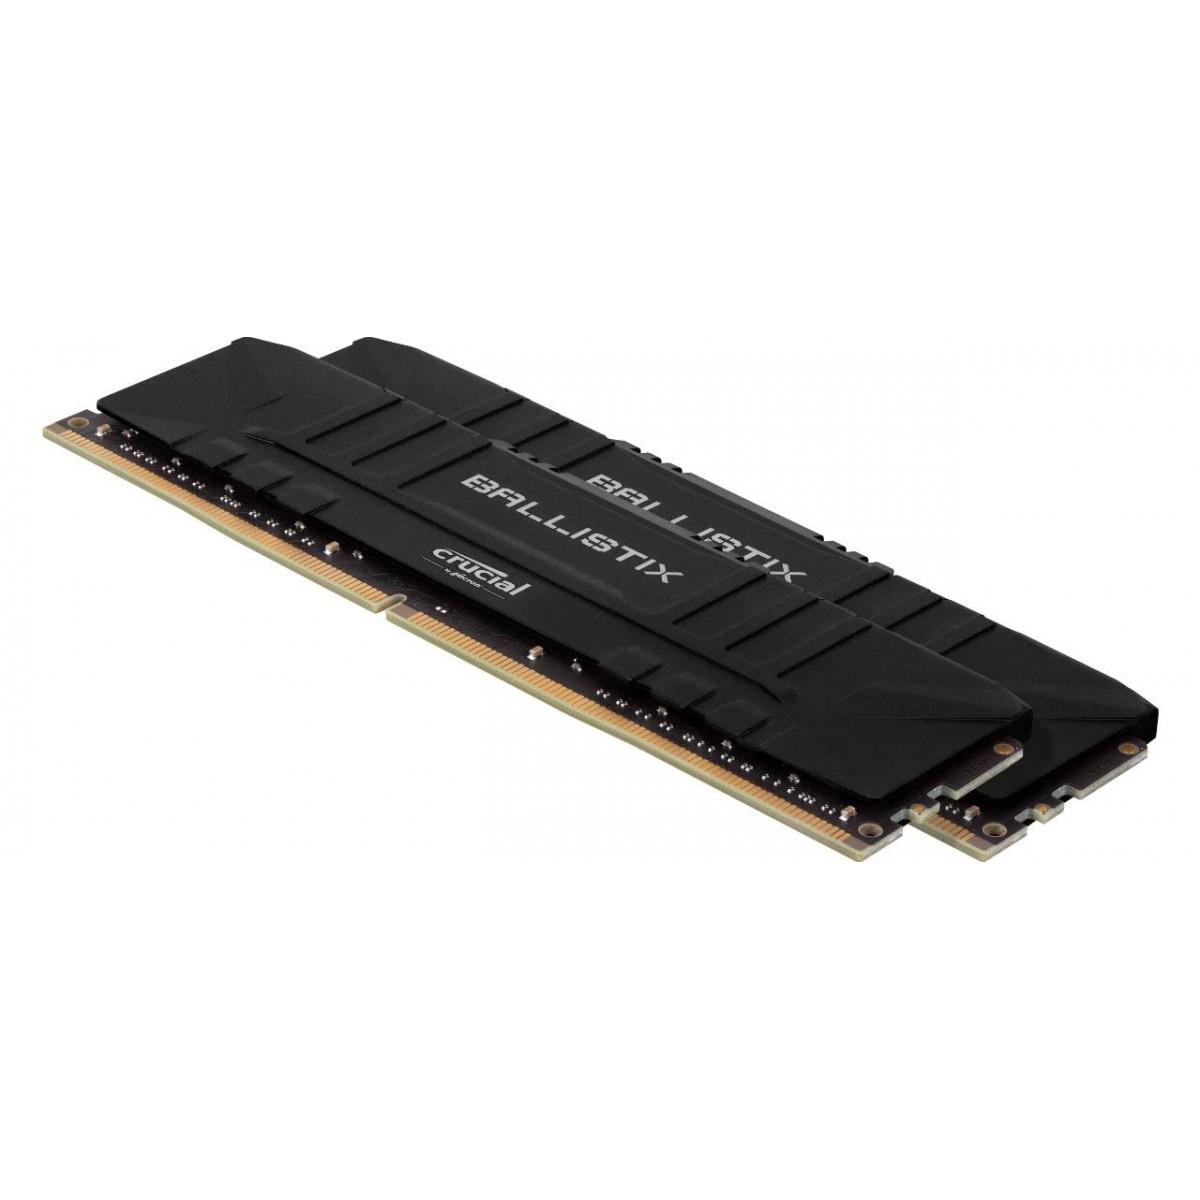 Memória DDR4 Crucial Ballistix Sport Lt, 16GB (2x8GB) 3000MHz, Black, BL2K8G30C15U4B